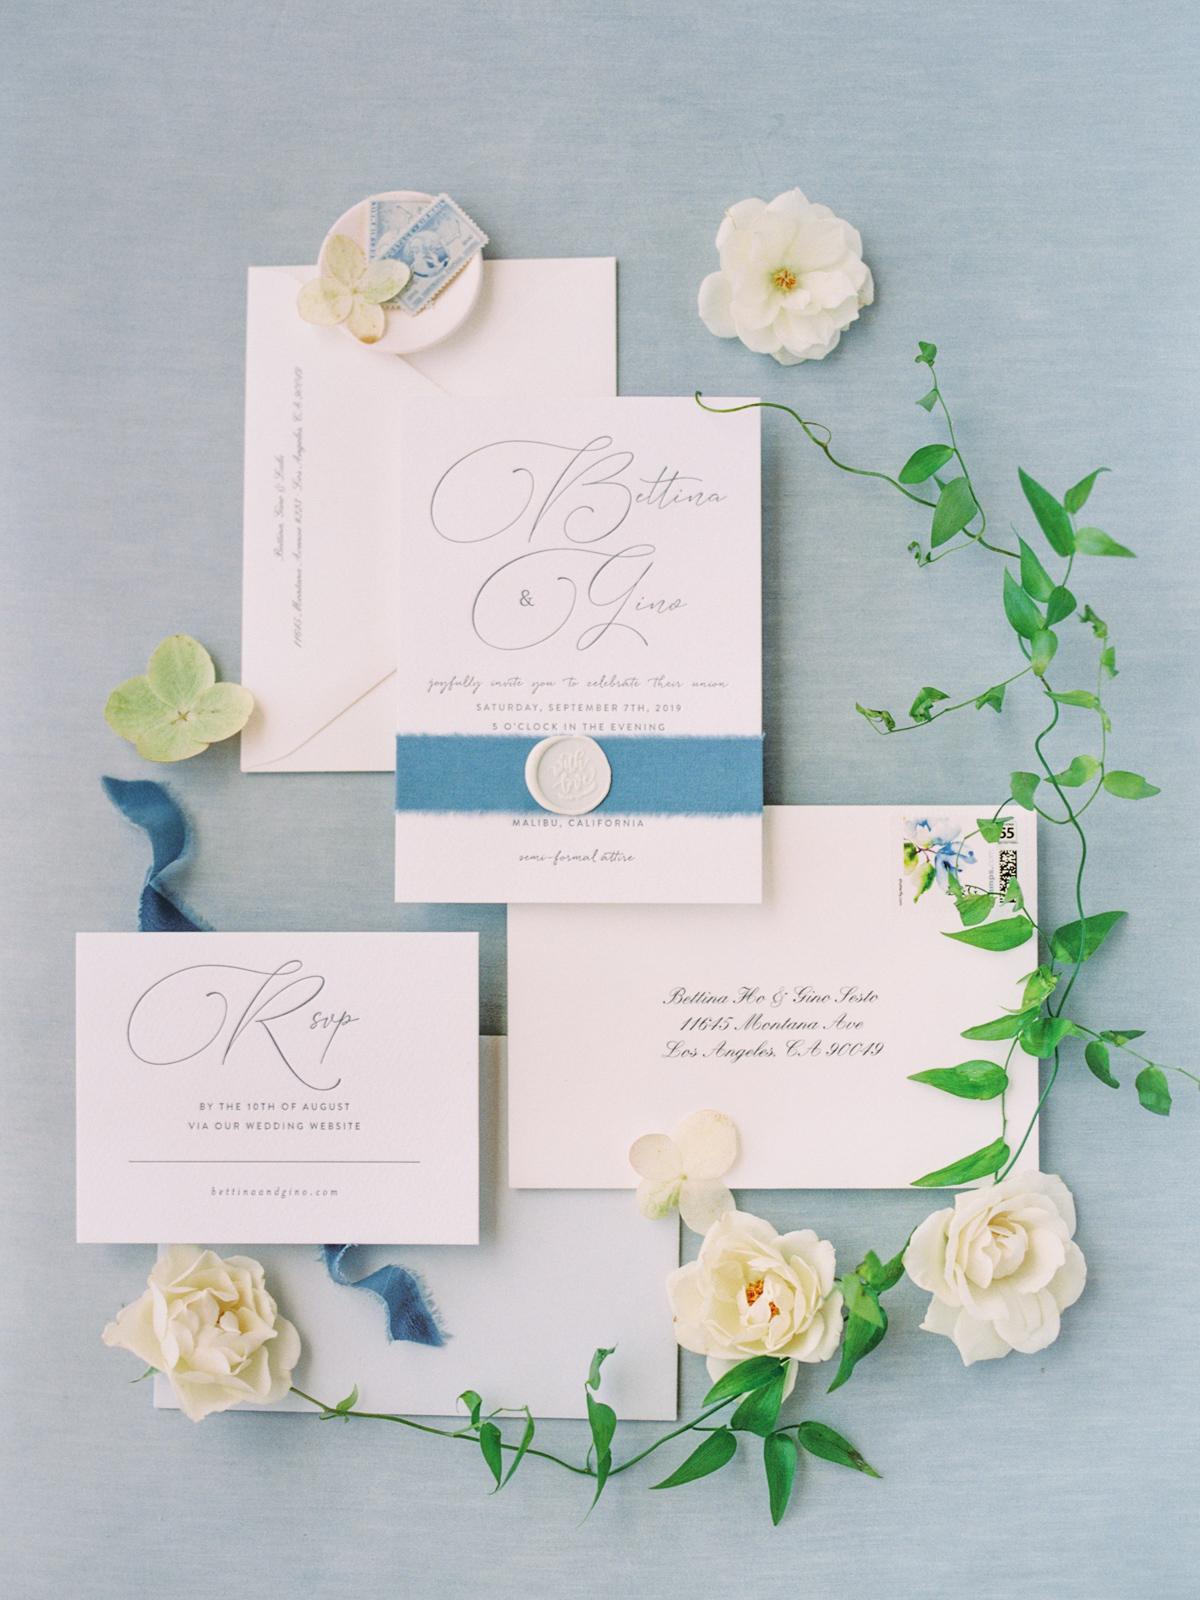 bettina gino wedding invites with flowers